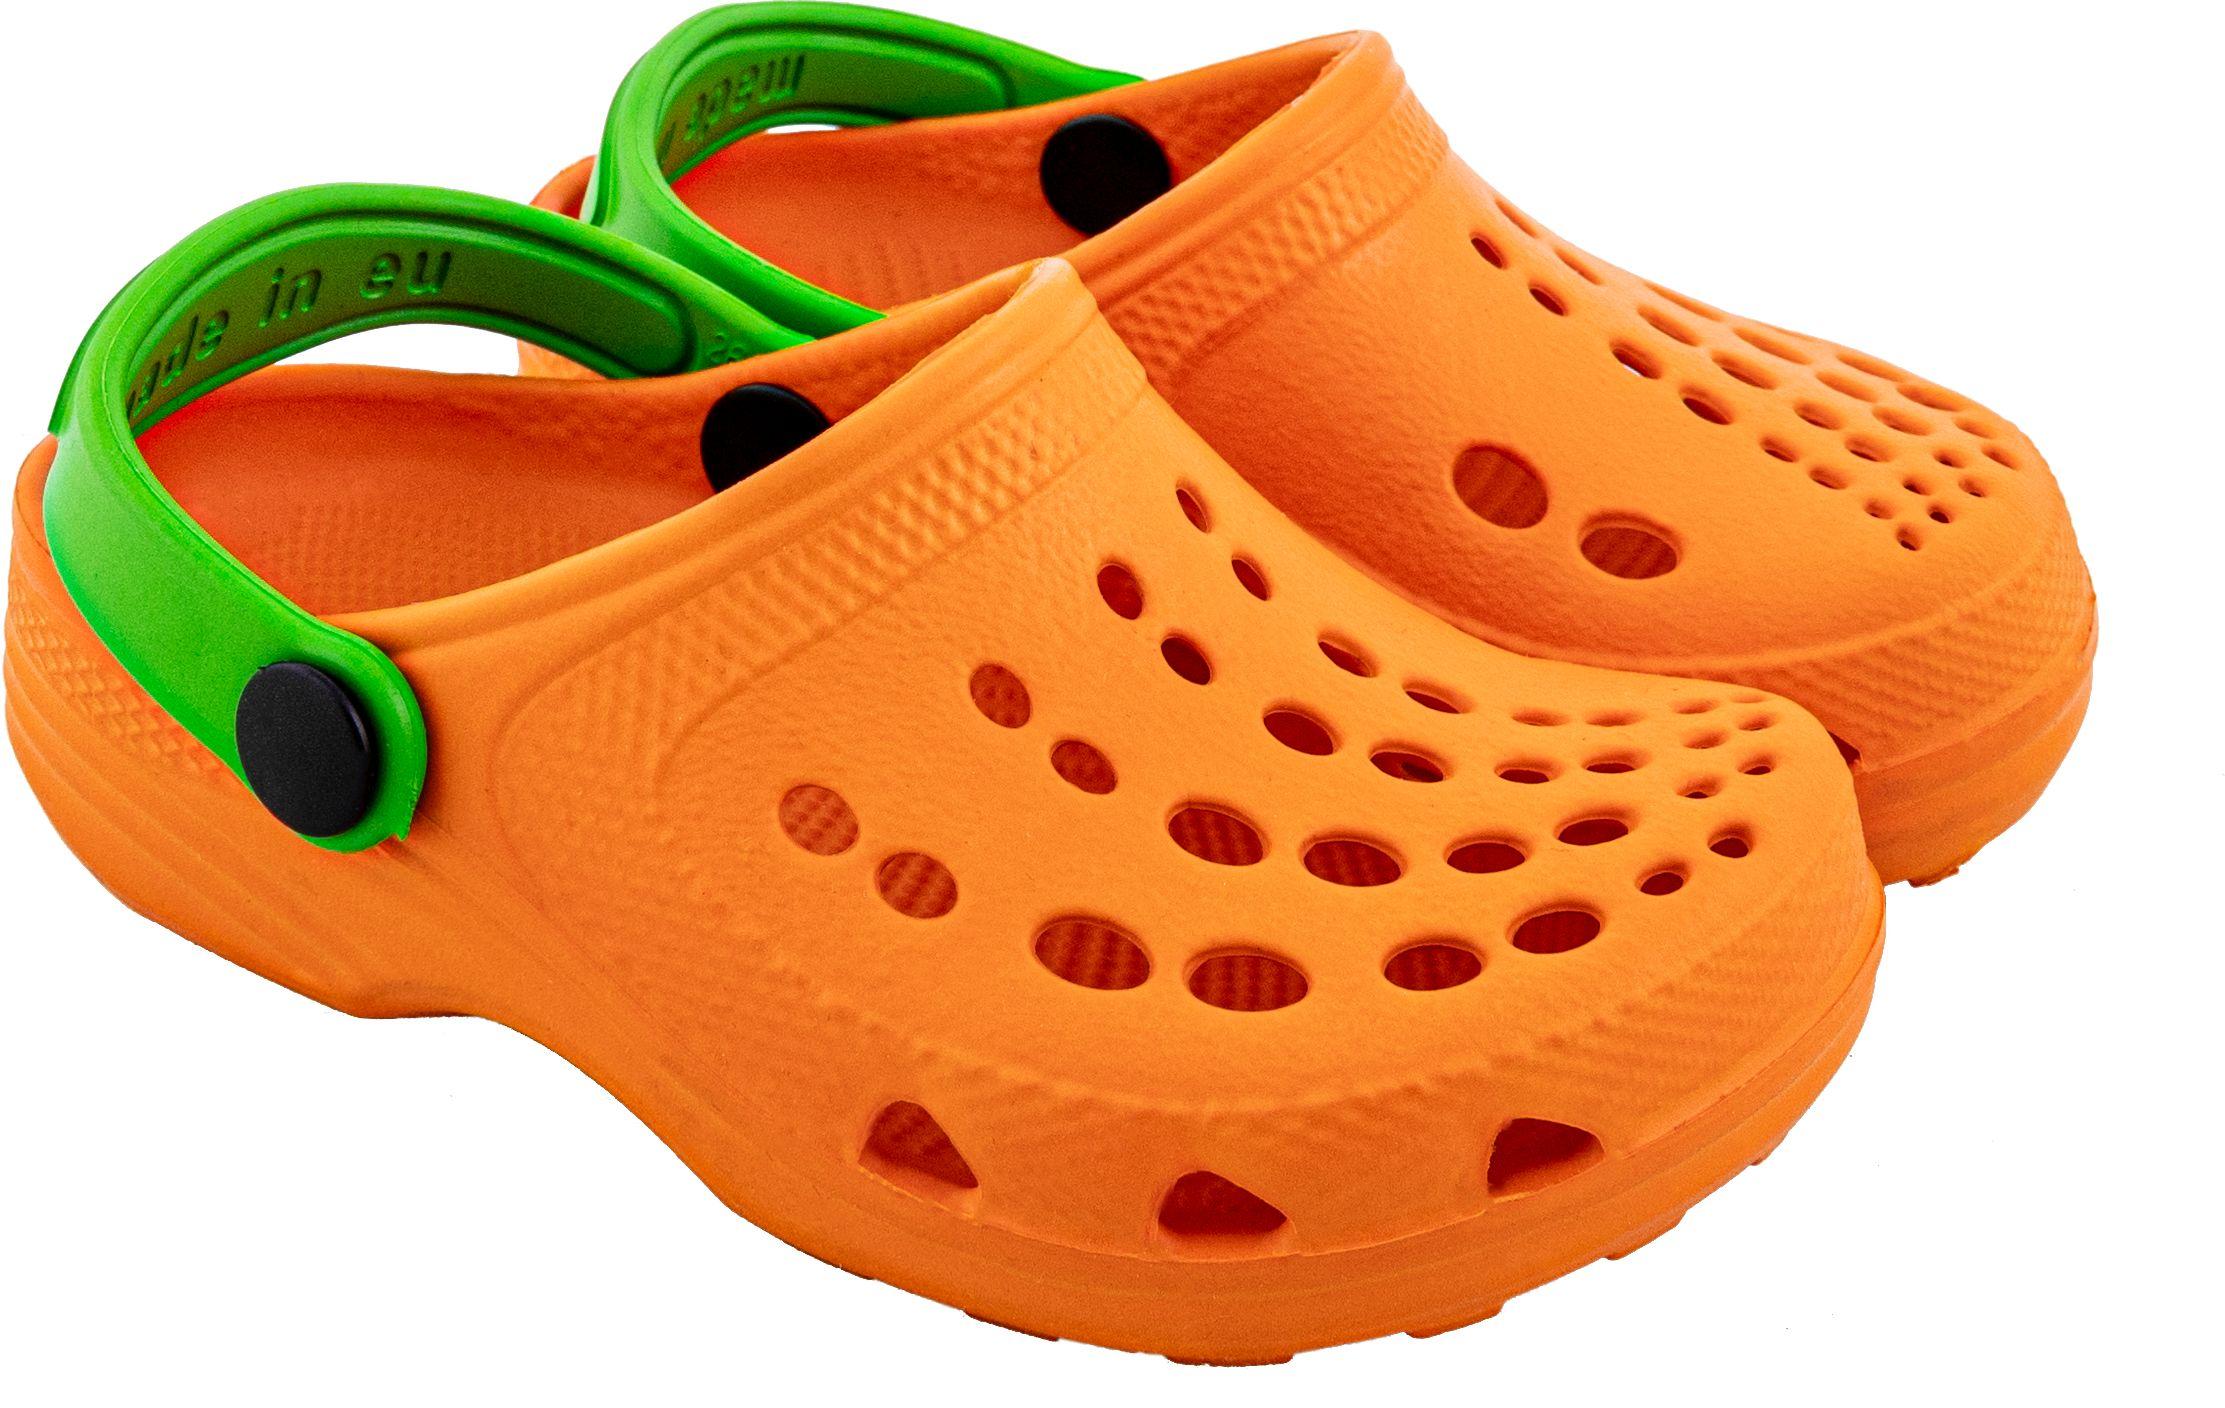 Zetpol klapki kroksy dziecięce EVA orange